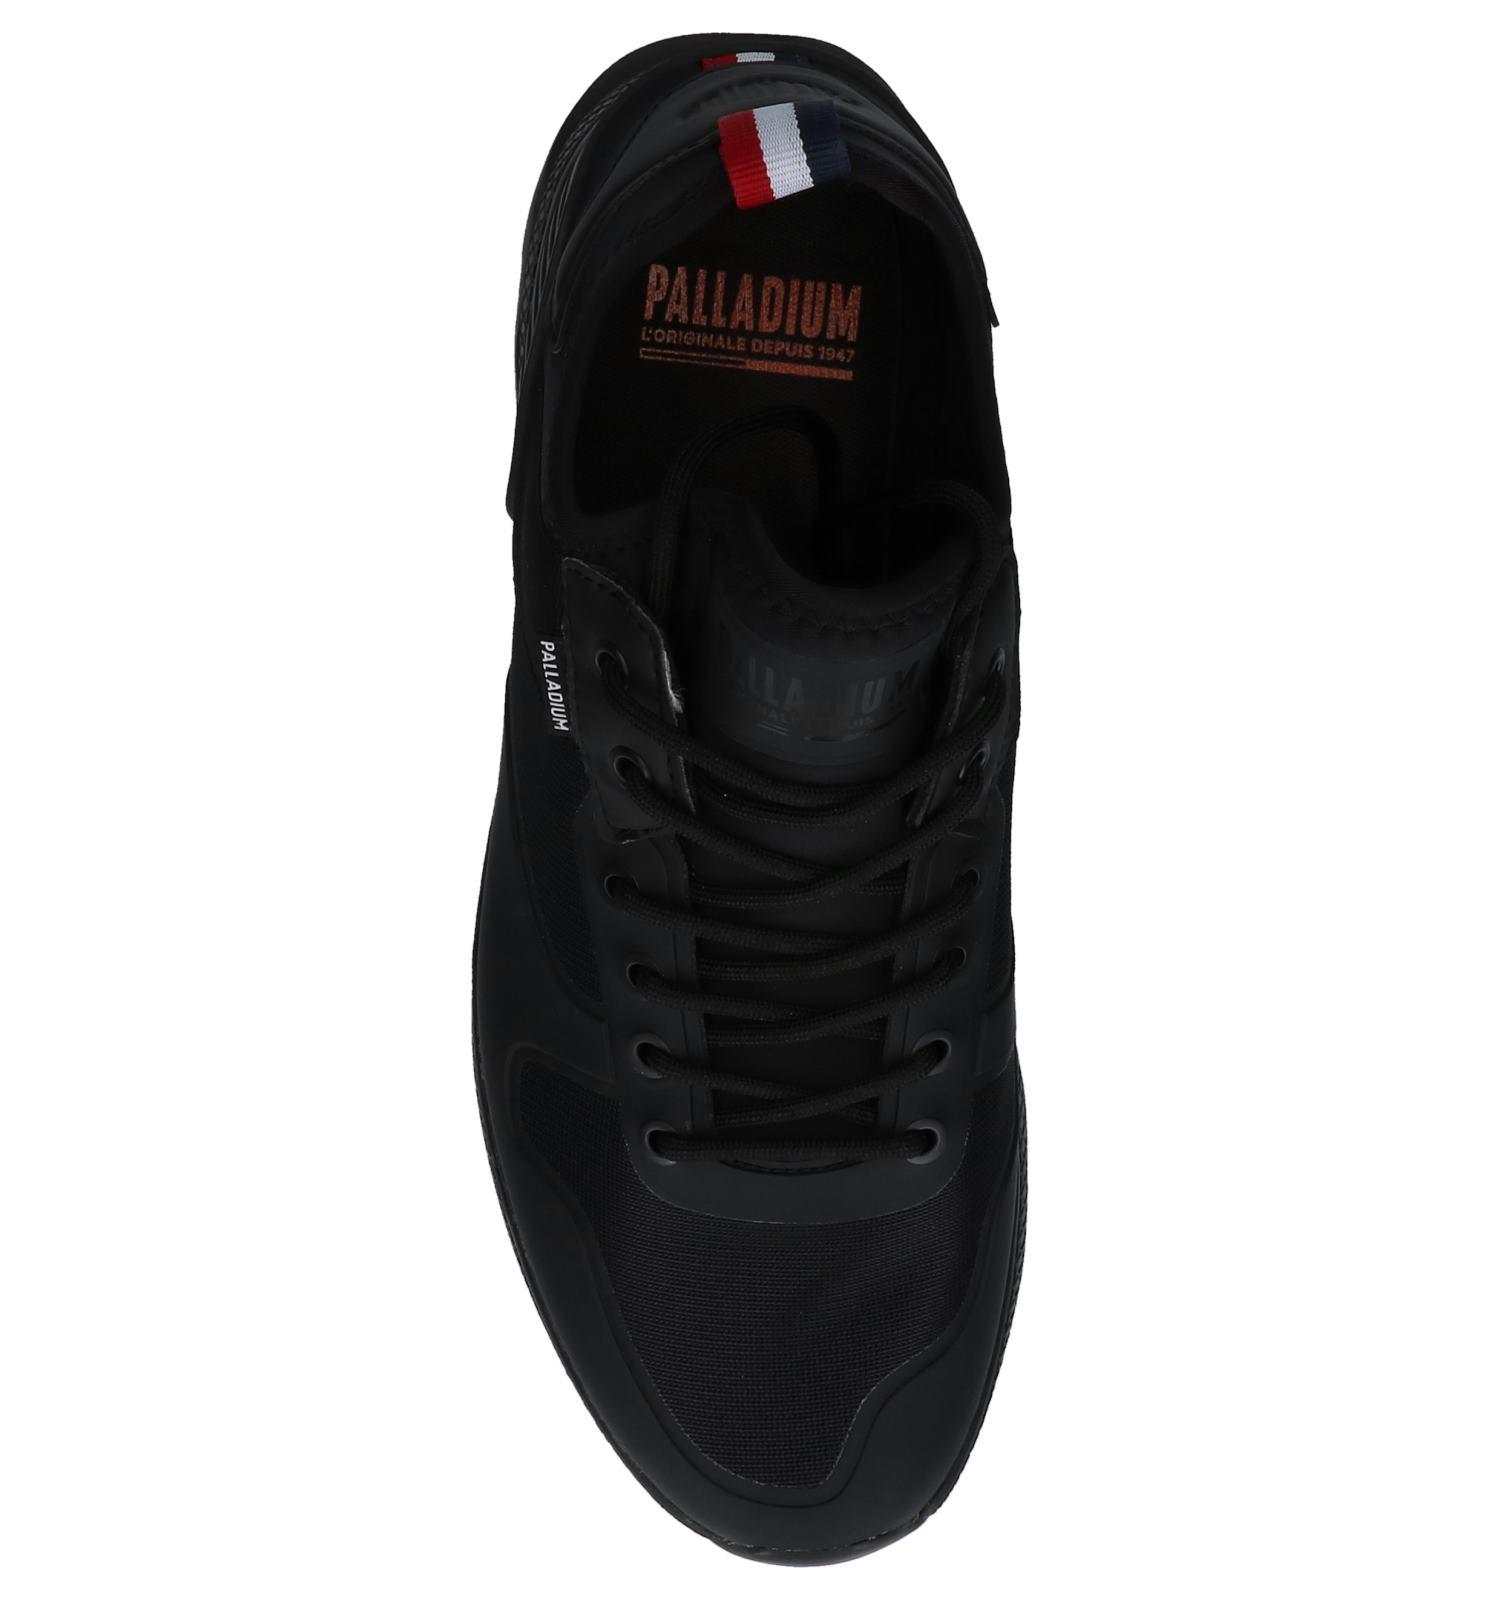 Sneakers Zwarte Zwarte Palladium Palladium Lage Lage mnN8vO0w